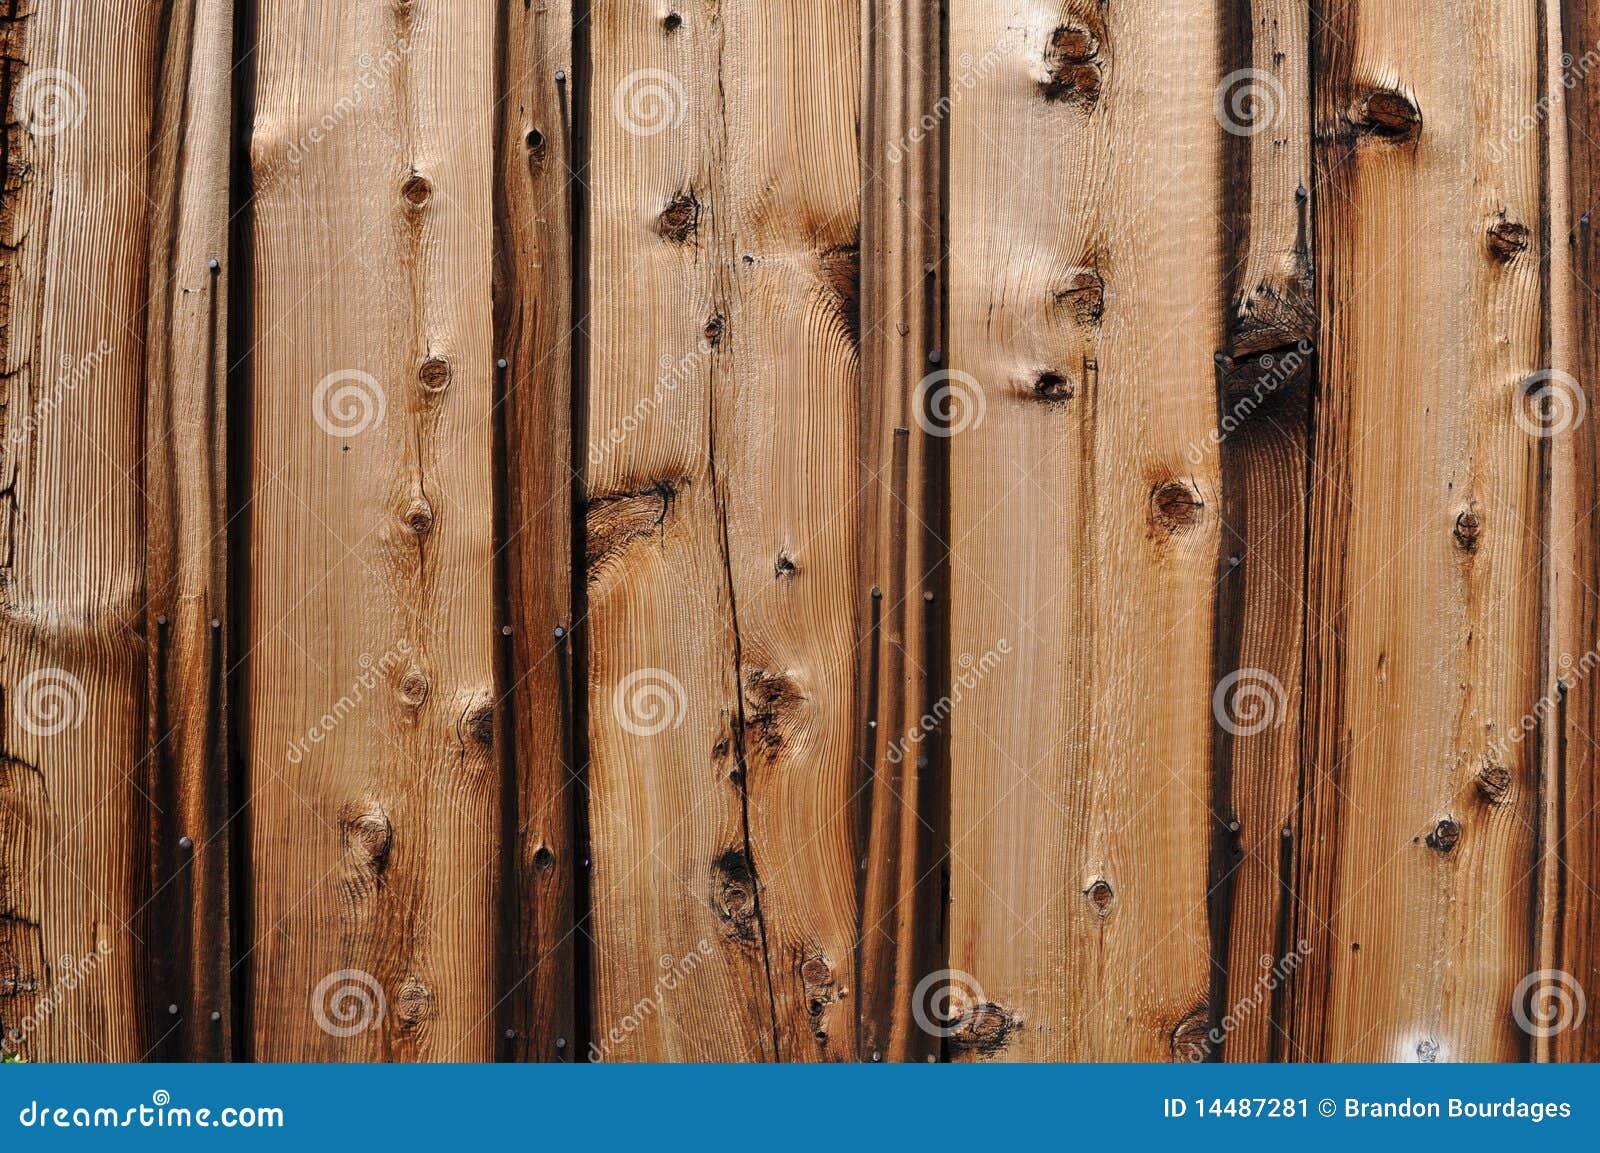 Knotty Pine Wood Background Stock Image Image 14487281